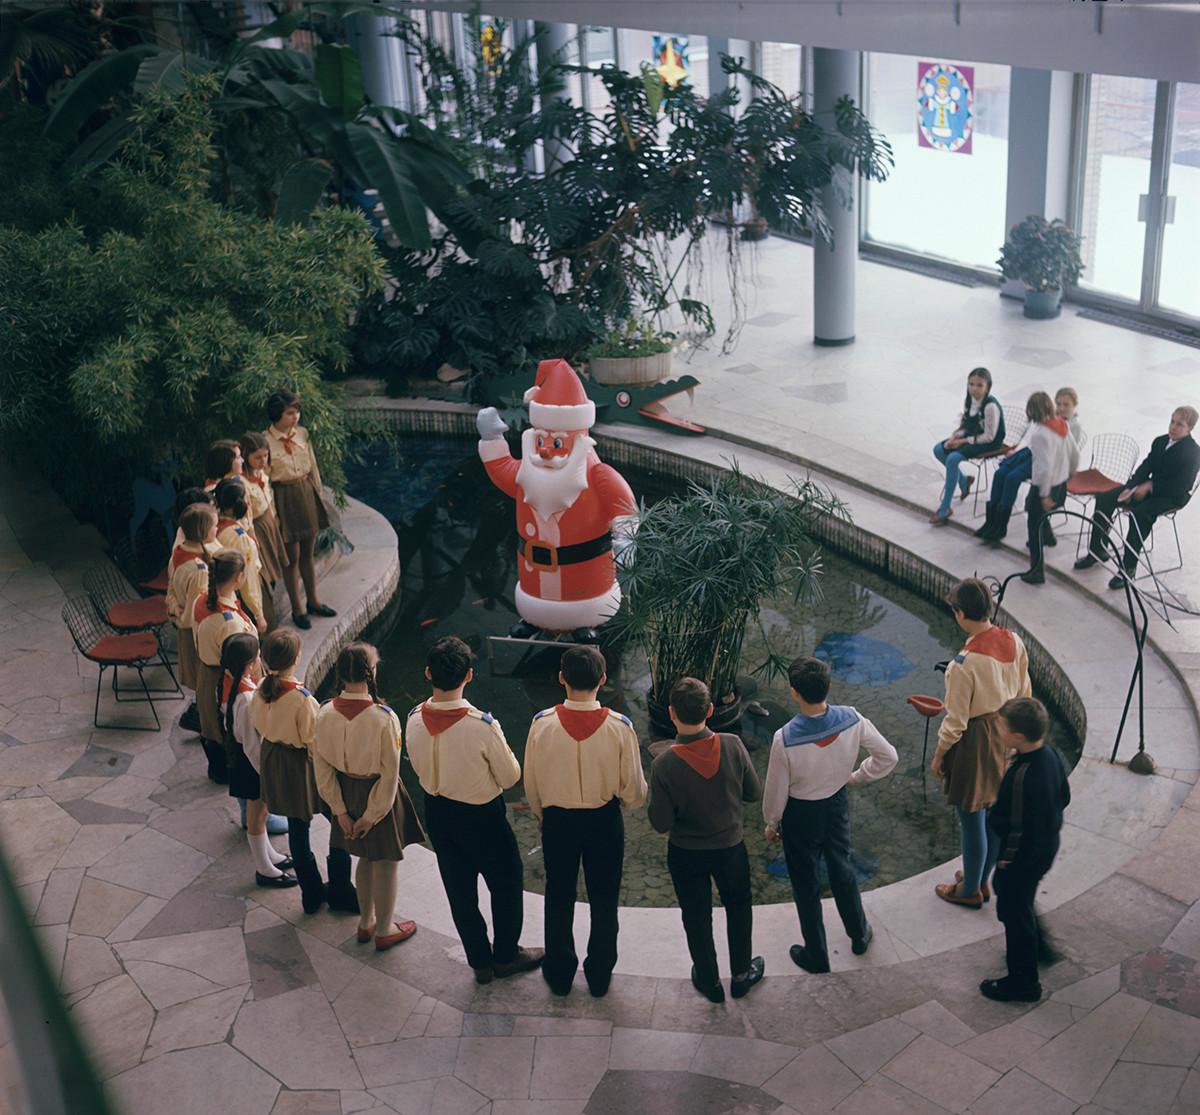 De nombreux enfants comptaient sur le Père Noël soviétique pour réaliser leurs souhaits.